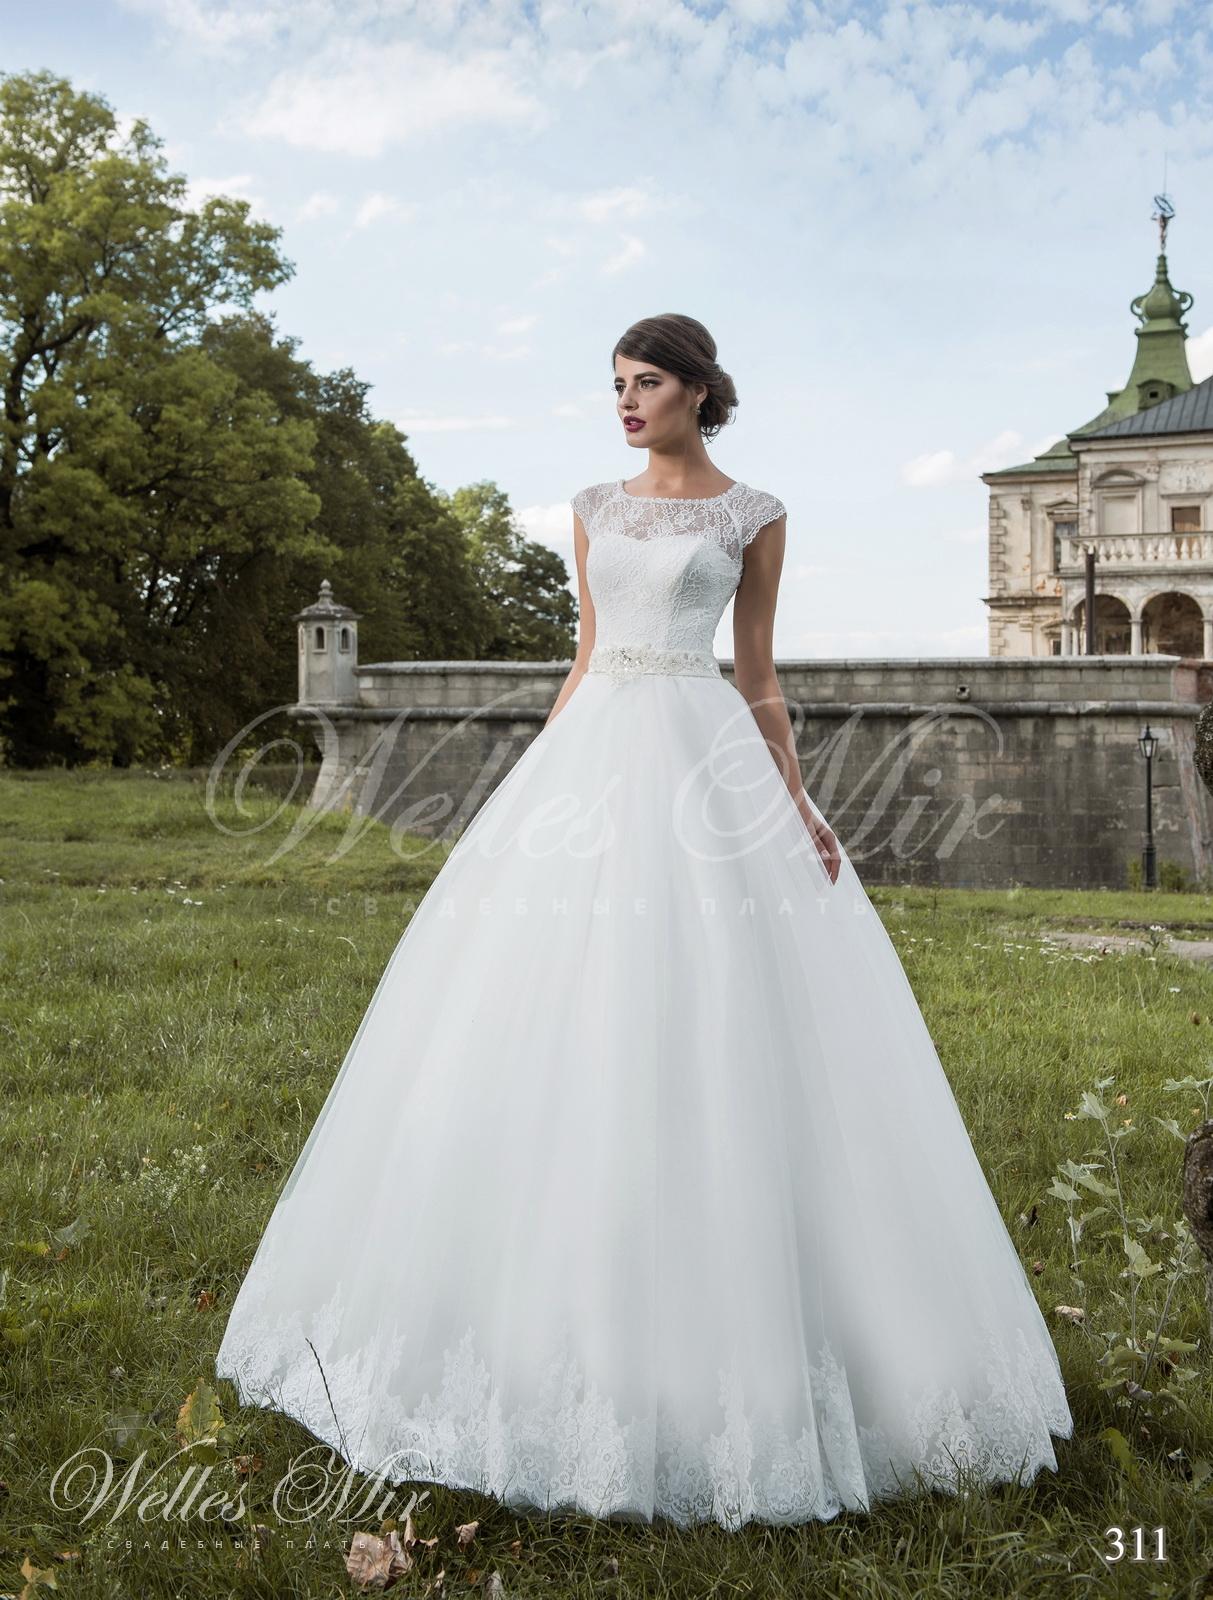 Свадебные платья Exquisite Collection - 311